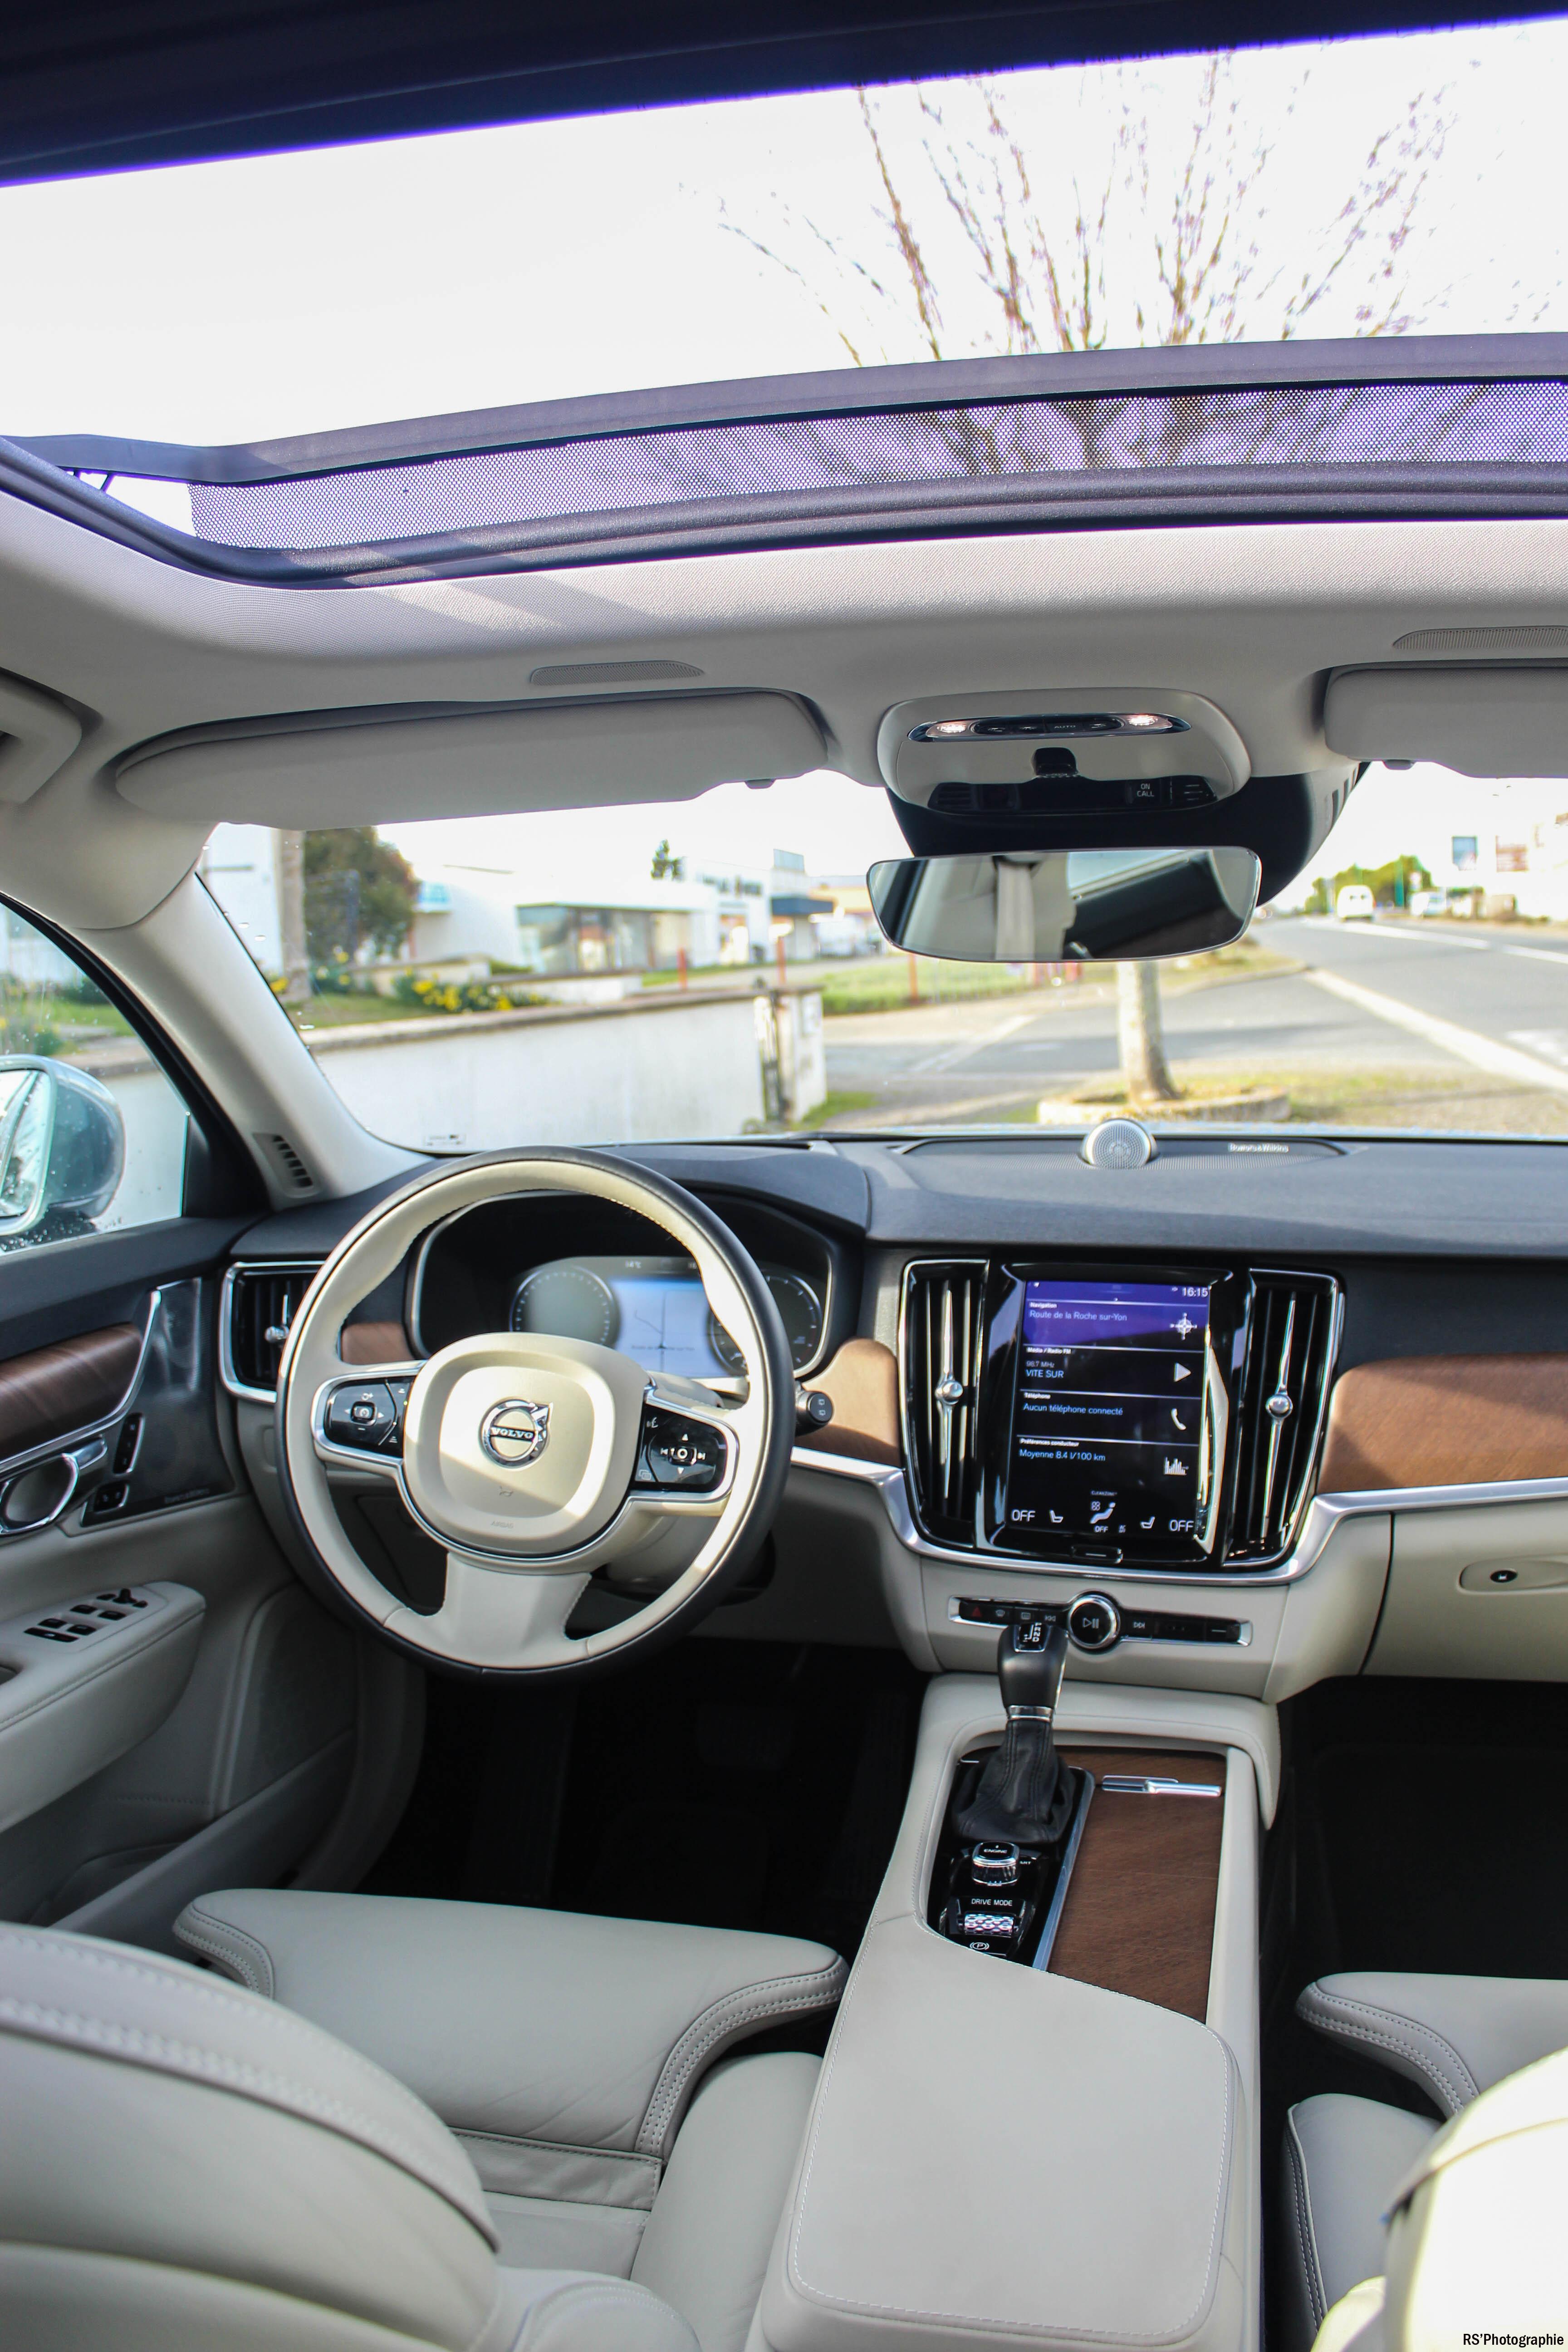 VolvoV905-volvo-v90-d5-intérieur-onboard-arnaud-demasier-RSPhotographie